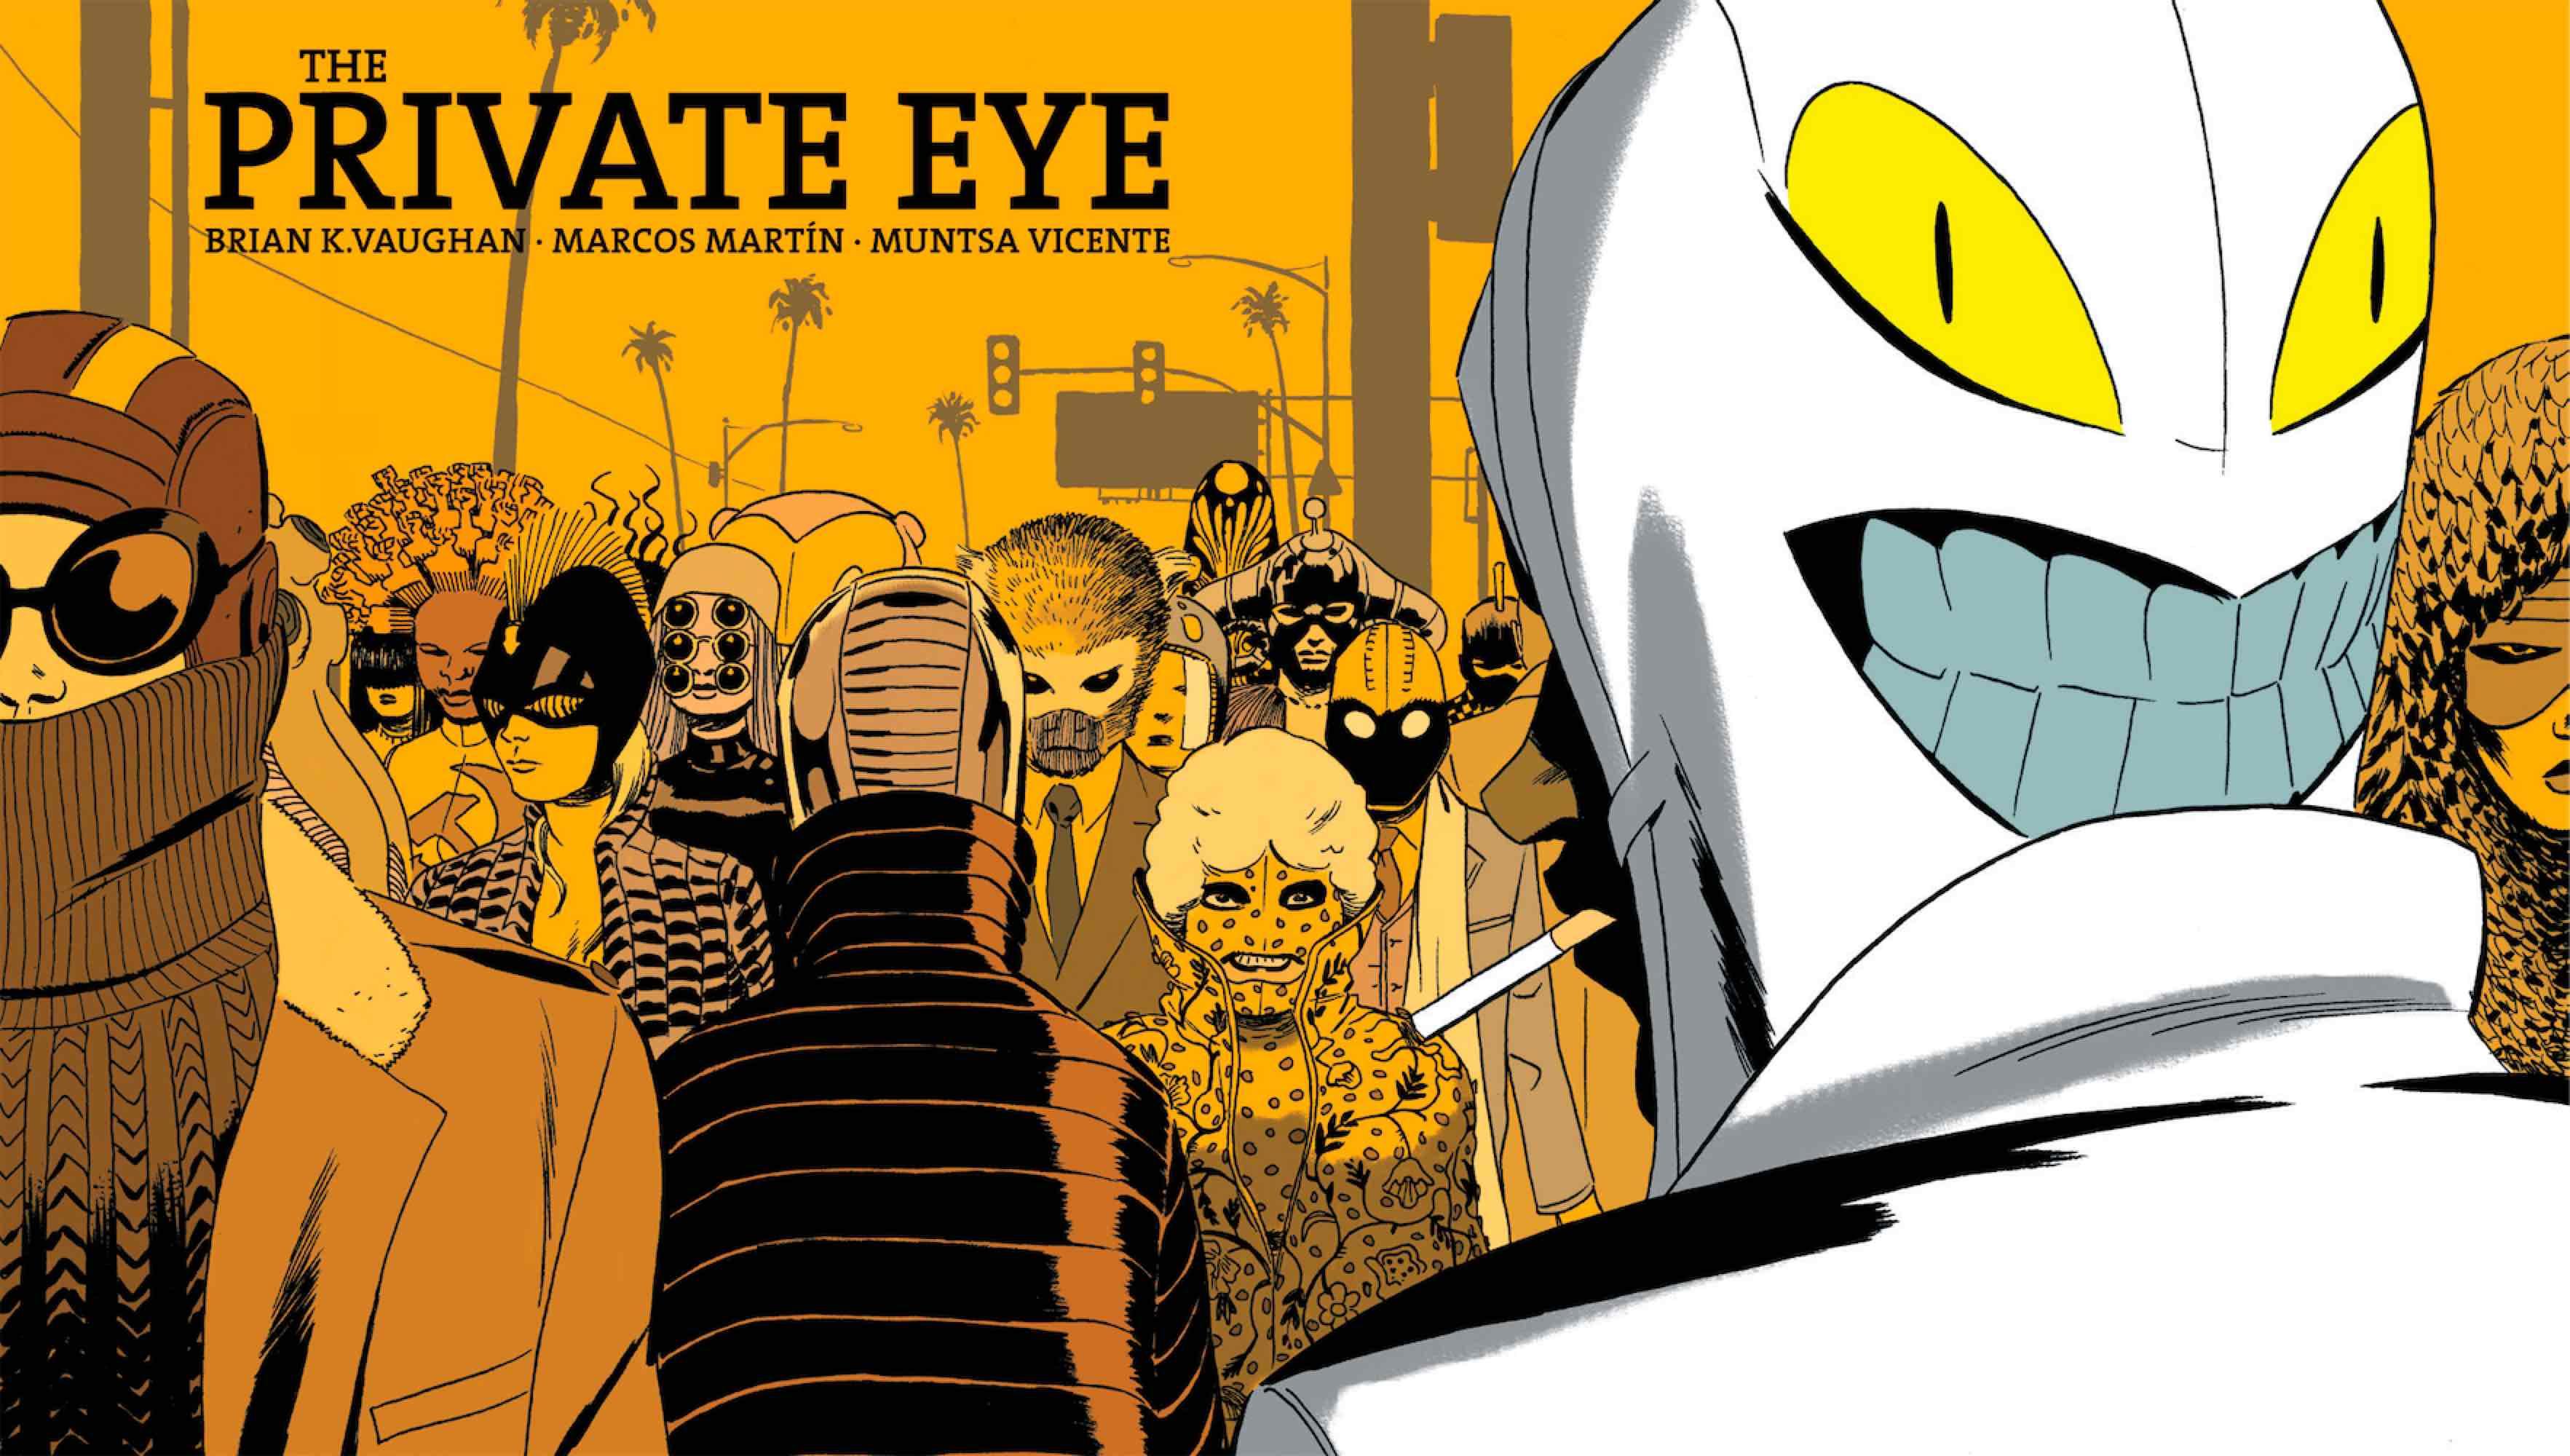 THE PRIVATE EYE (3º EDICION)